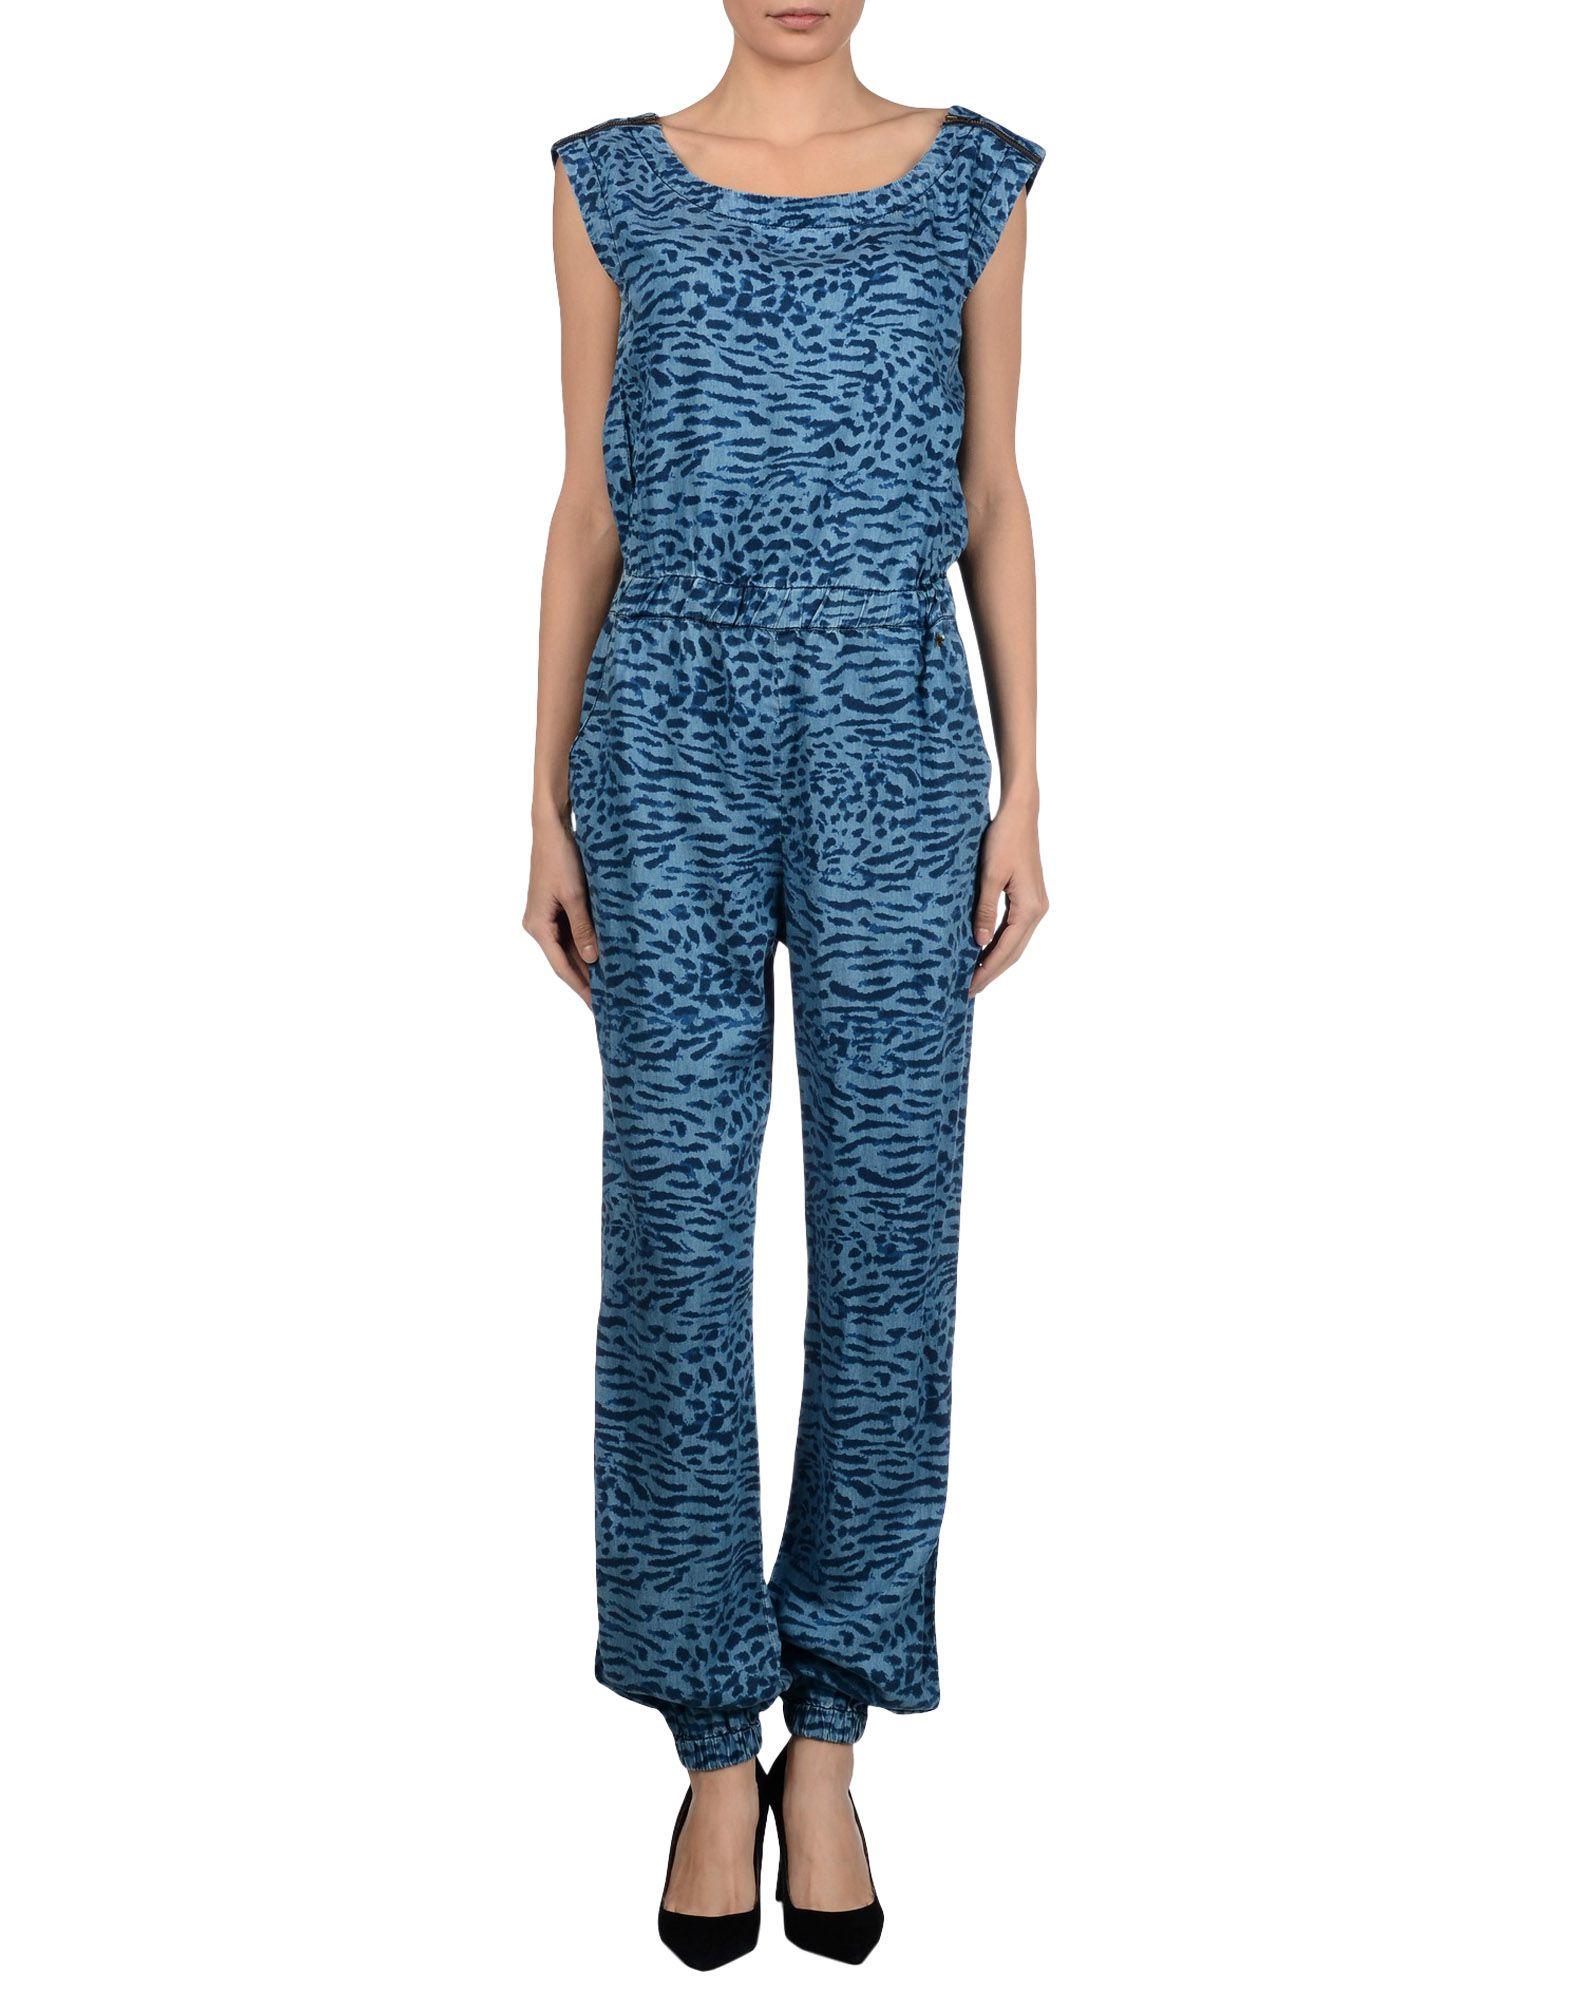 e4743147778 Lyst - Hilfiger Denim Jumpsuit in Blue